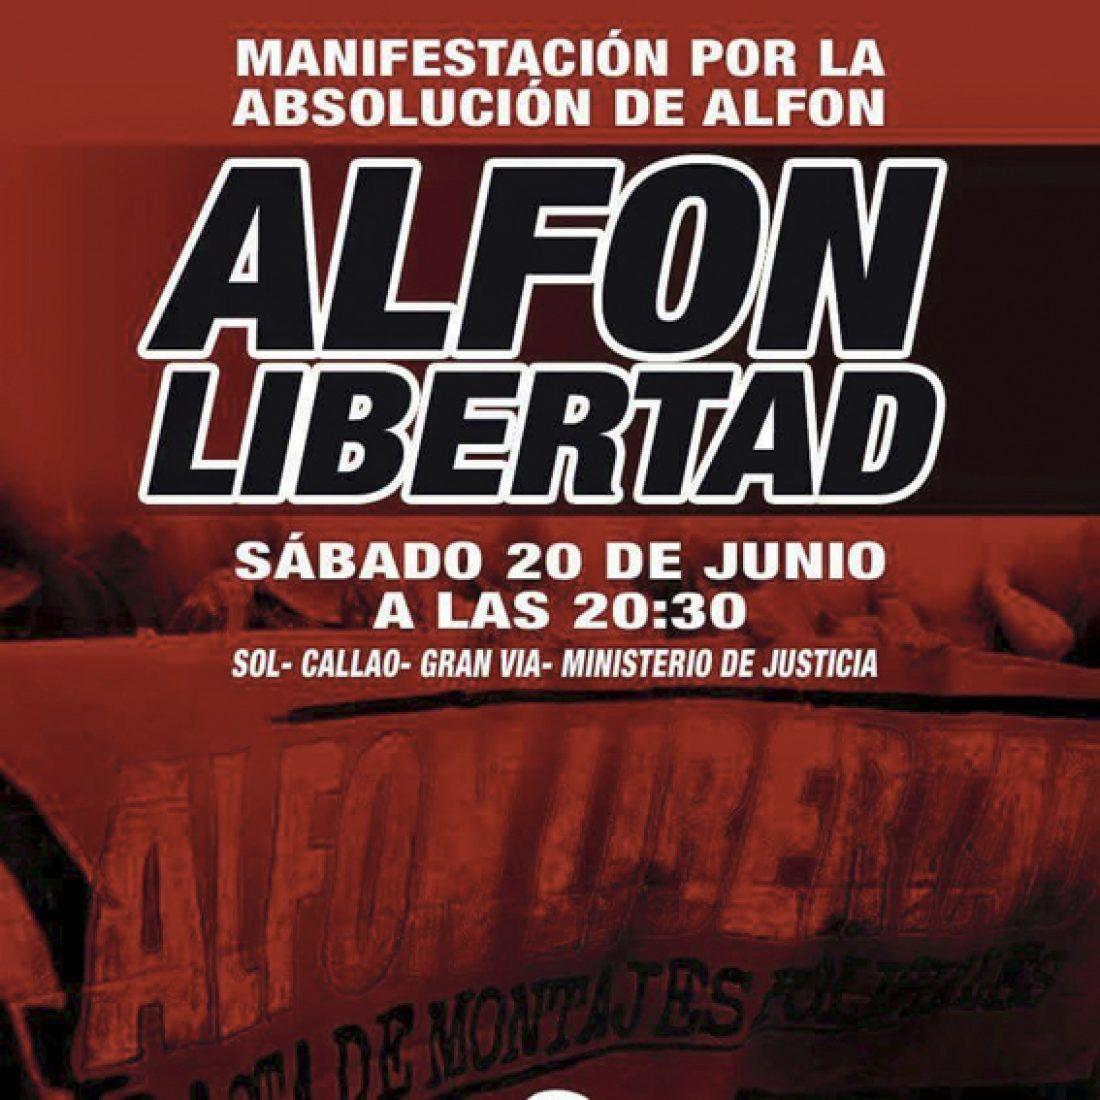 20-J: Manifestación por la absolución de Alfon